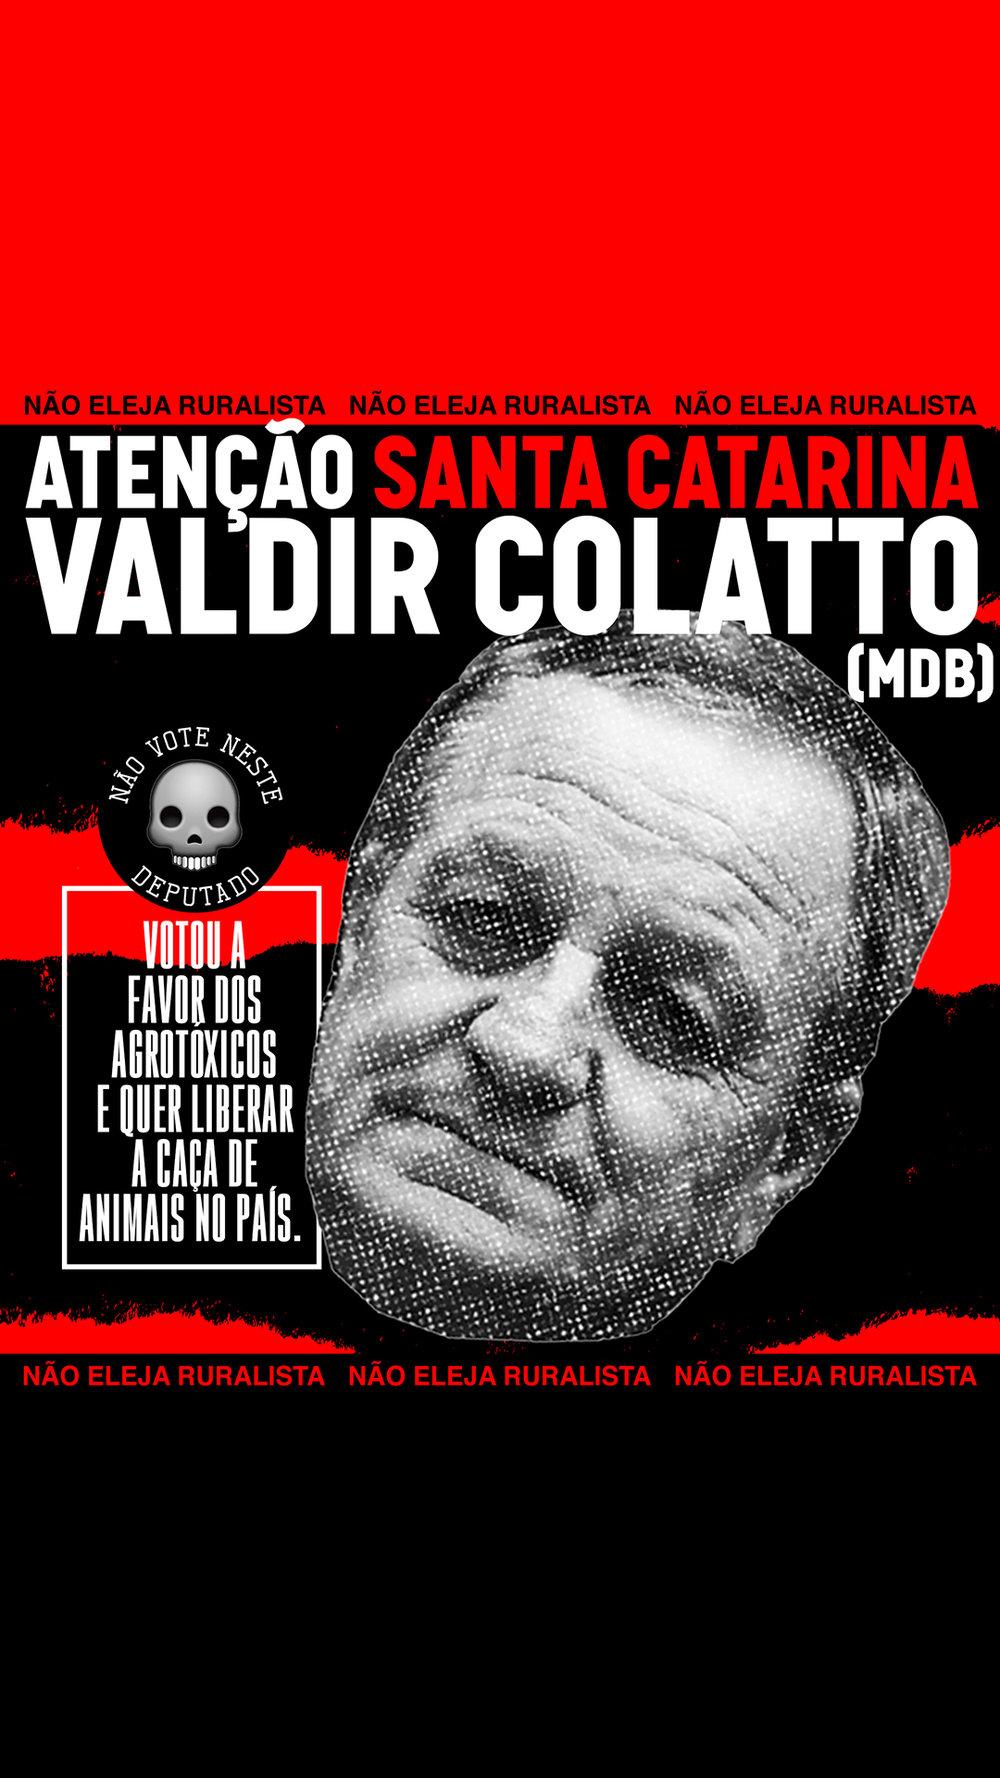 stories_nao_eleja_RURALISTAS_SC_Colatto.jpg